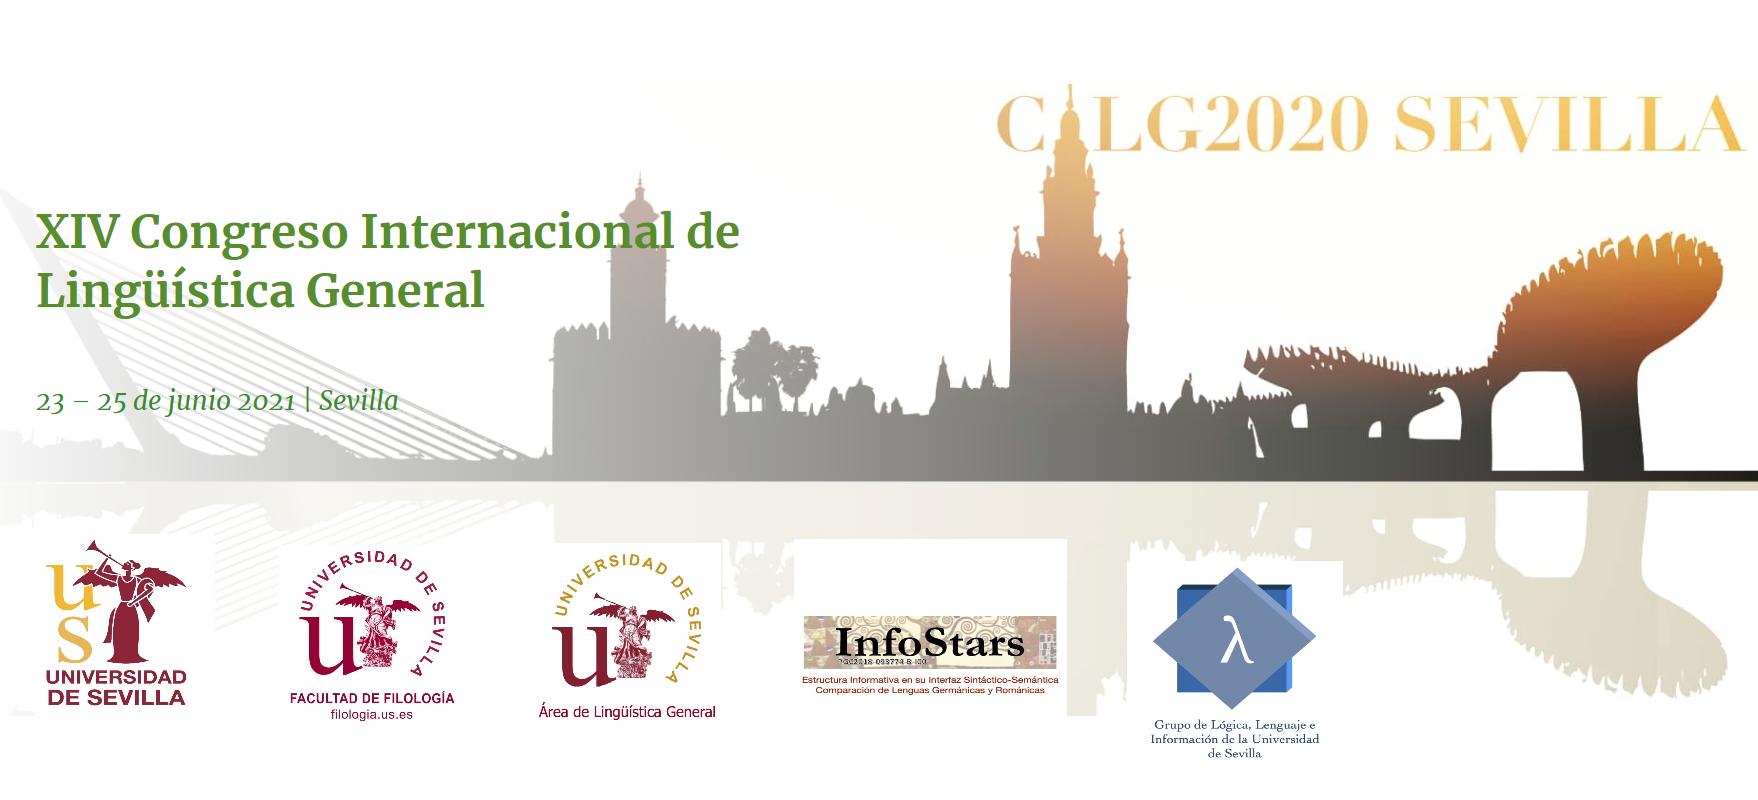 Clausura del XIV Congreso Internacional de Lingüística General